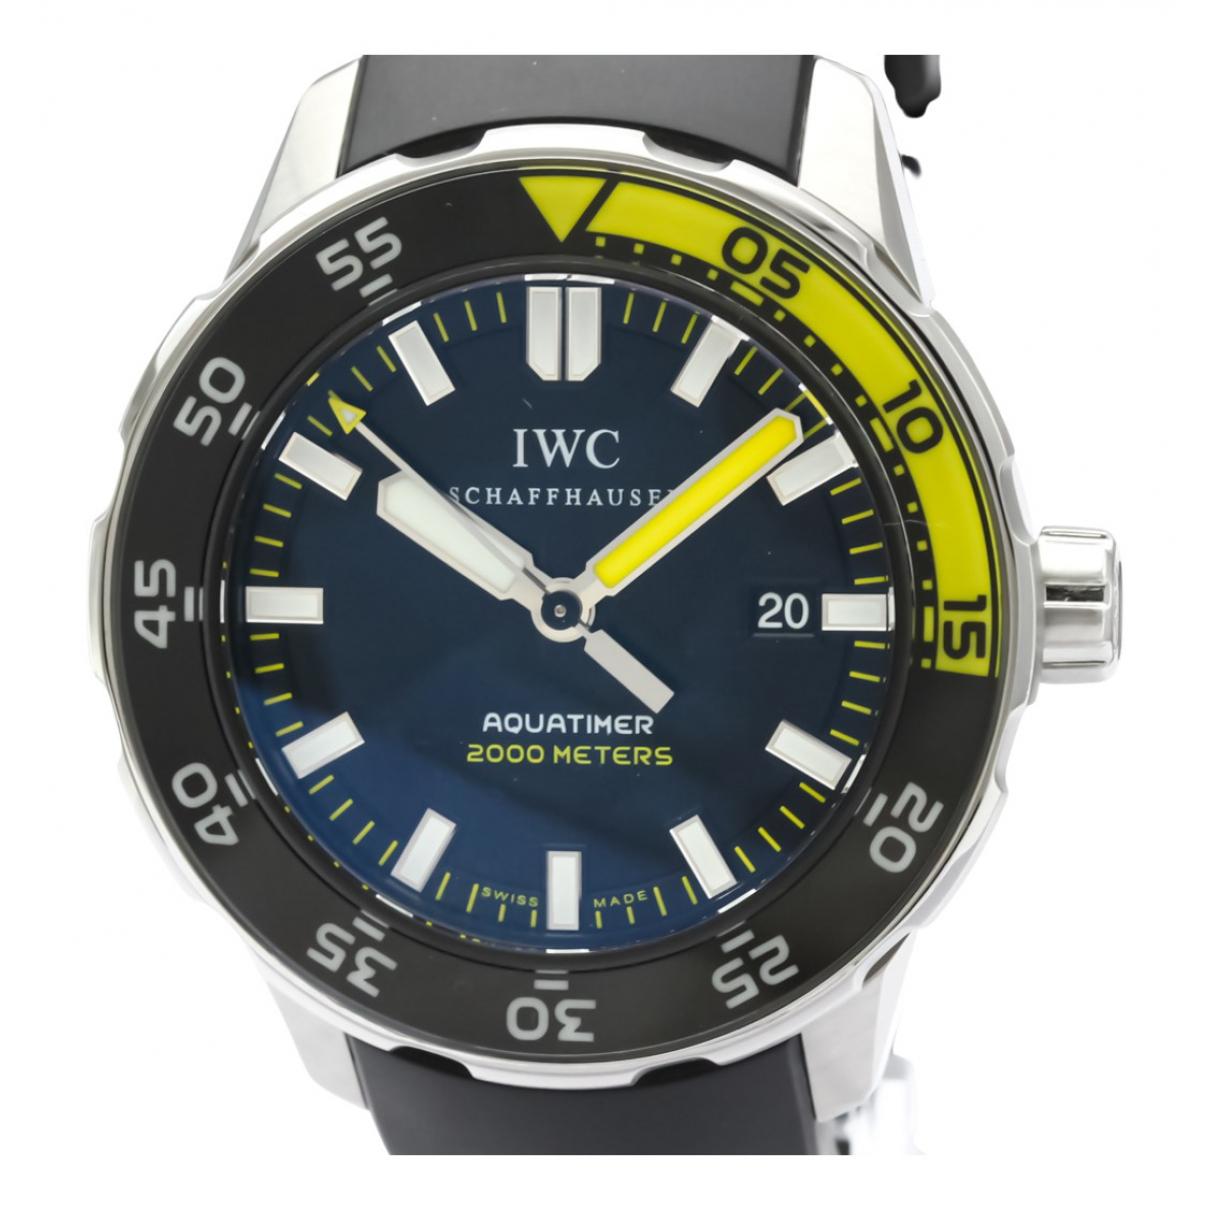 Relojes Aquatimer Iwc